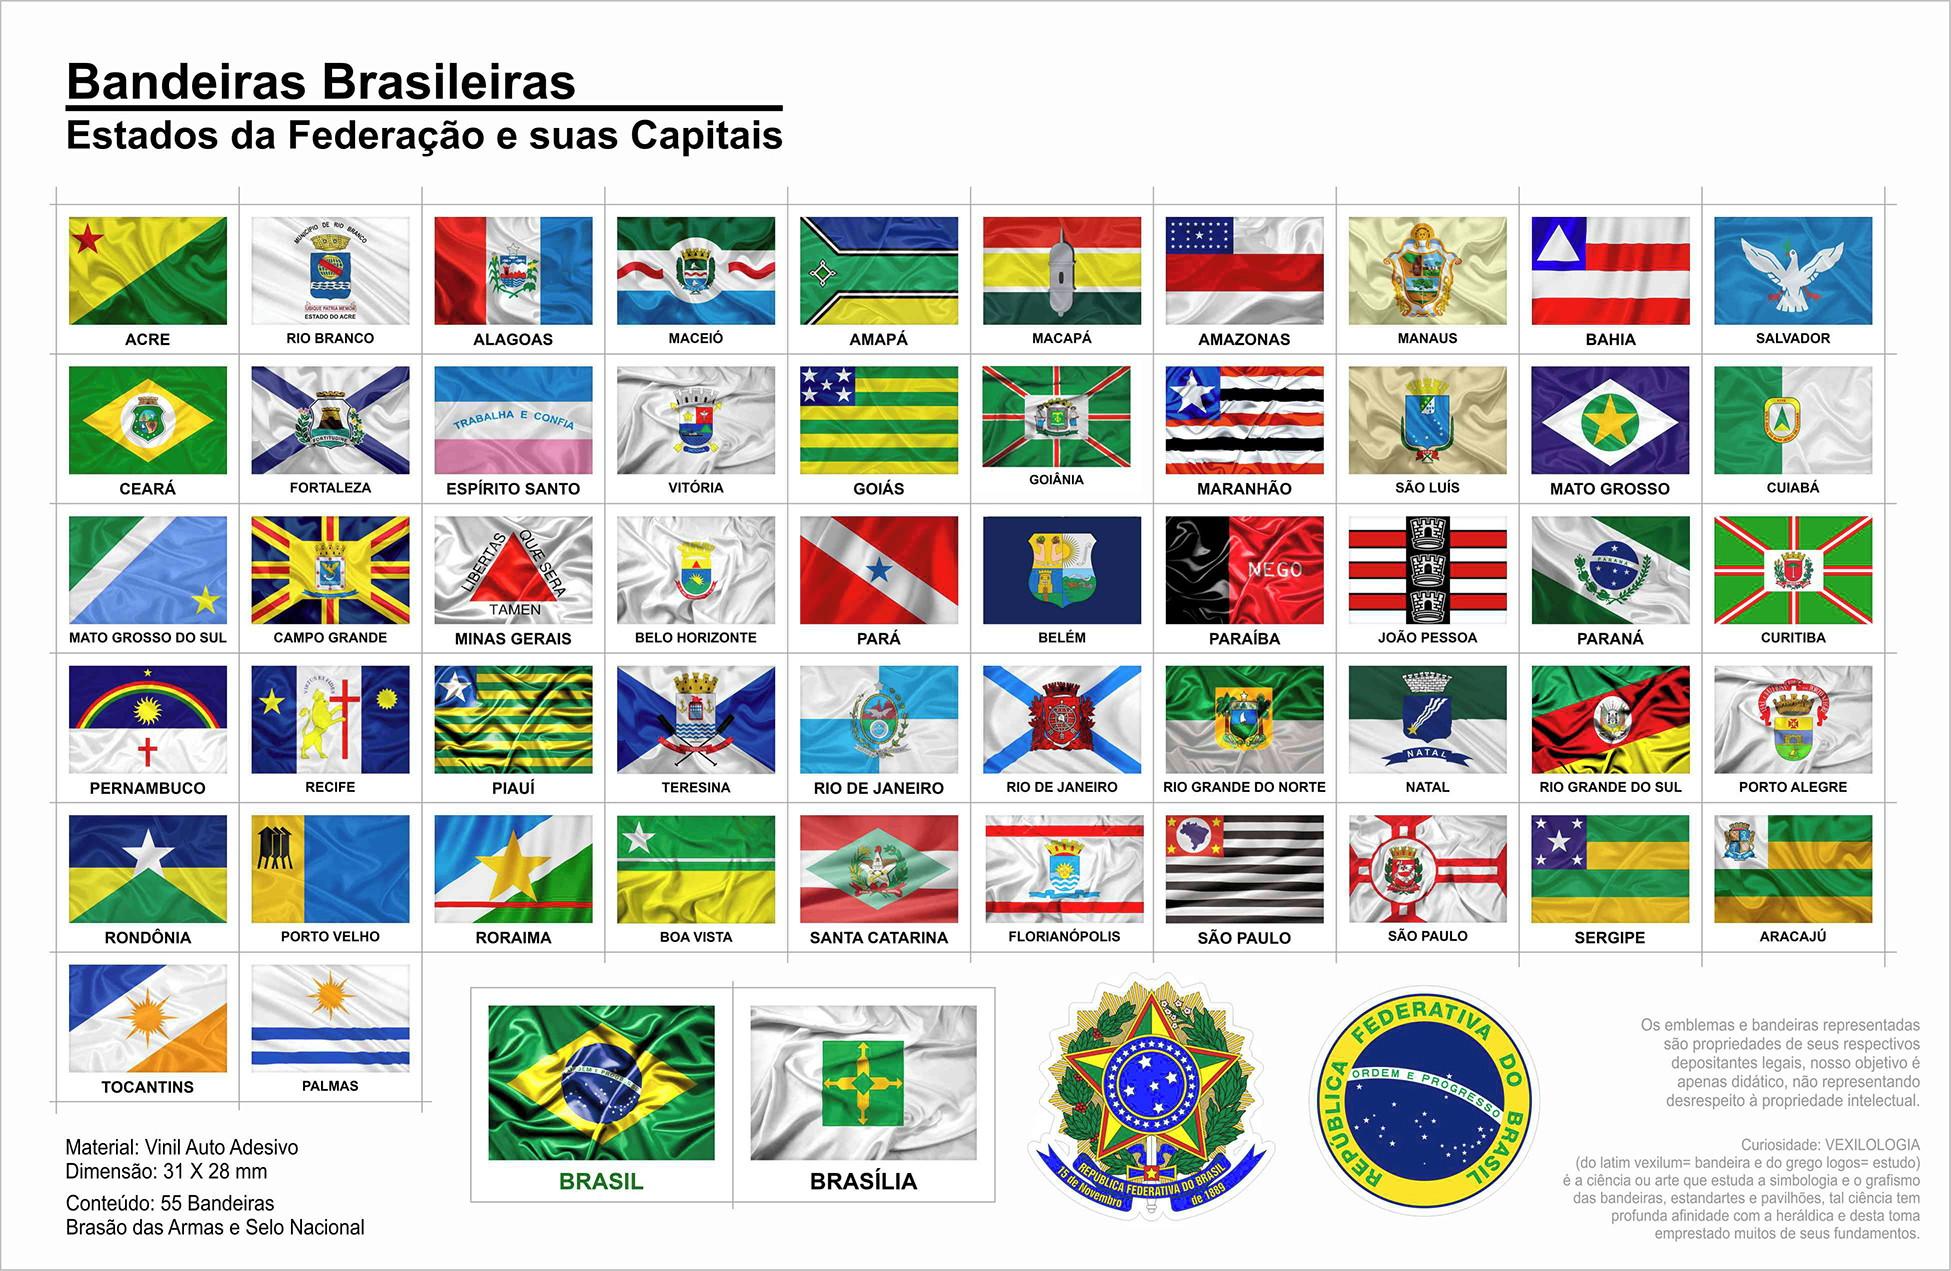 A Primeira Bandeira Do Brasil Republica bandeiras adesivas do brasil e df brasília 7,5 x 10 cm